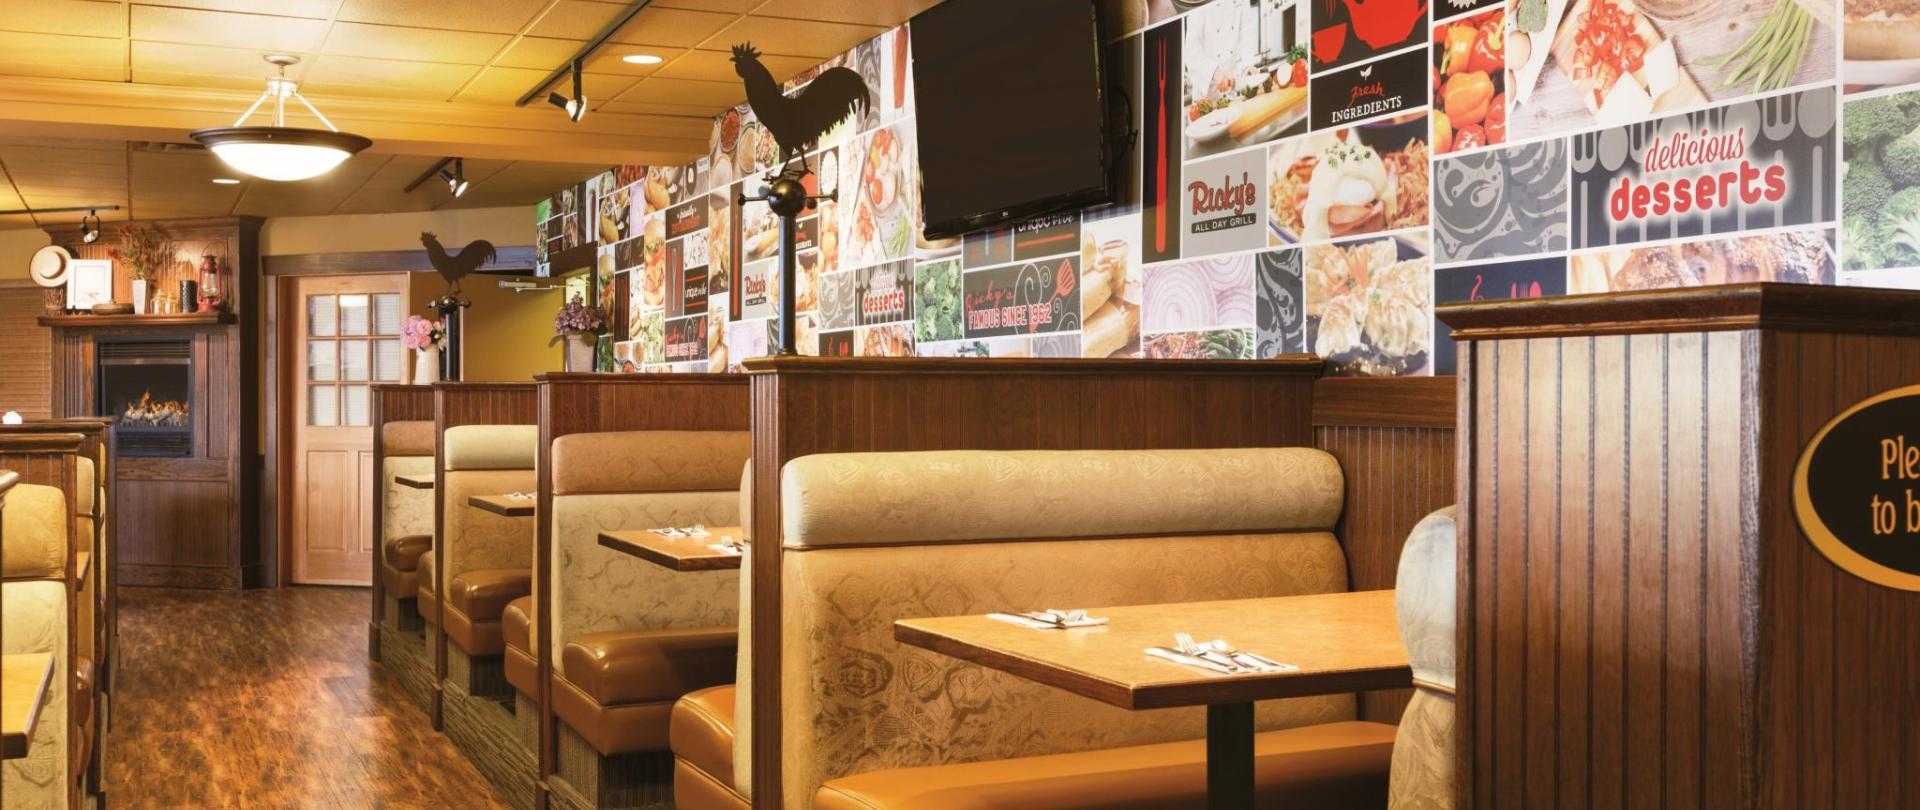 N -Ricky's Restaurant 4378x2918.jpg